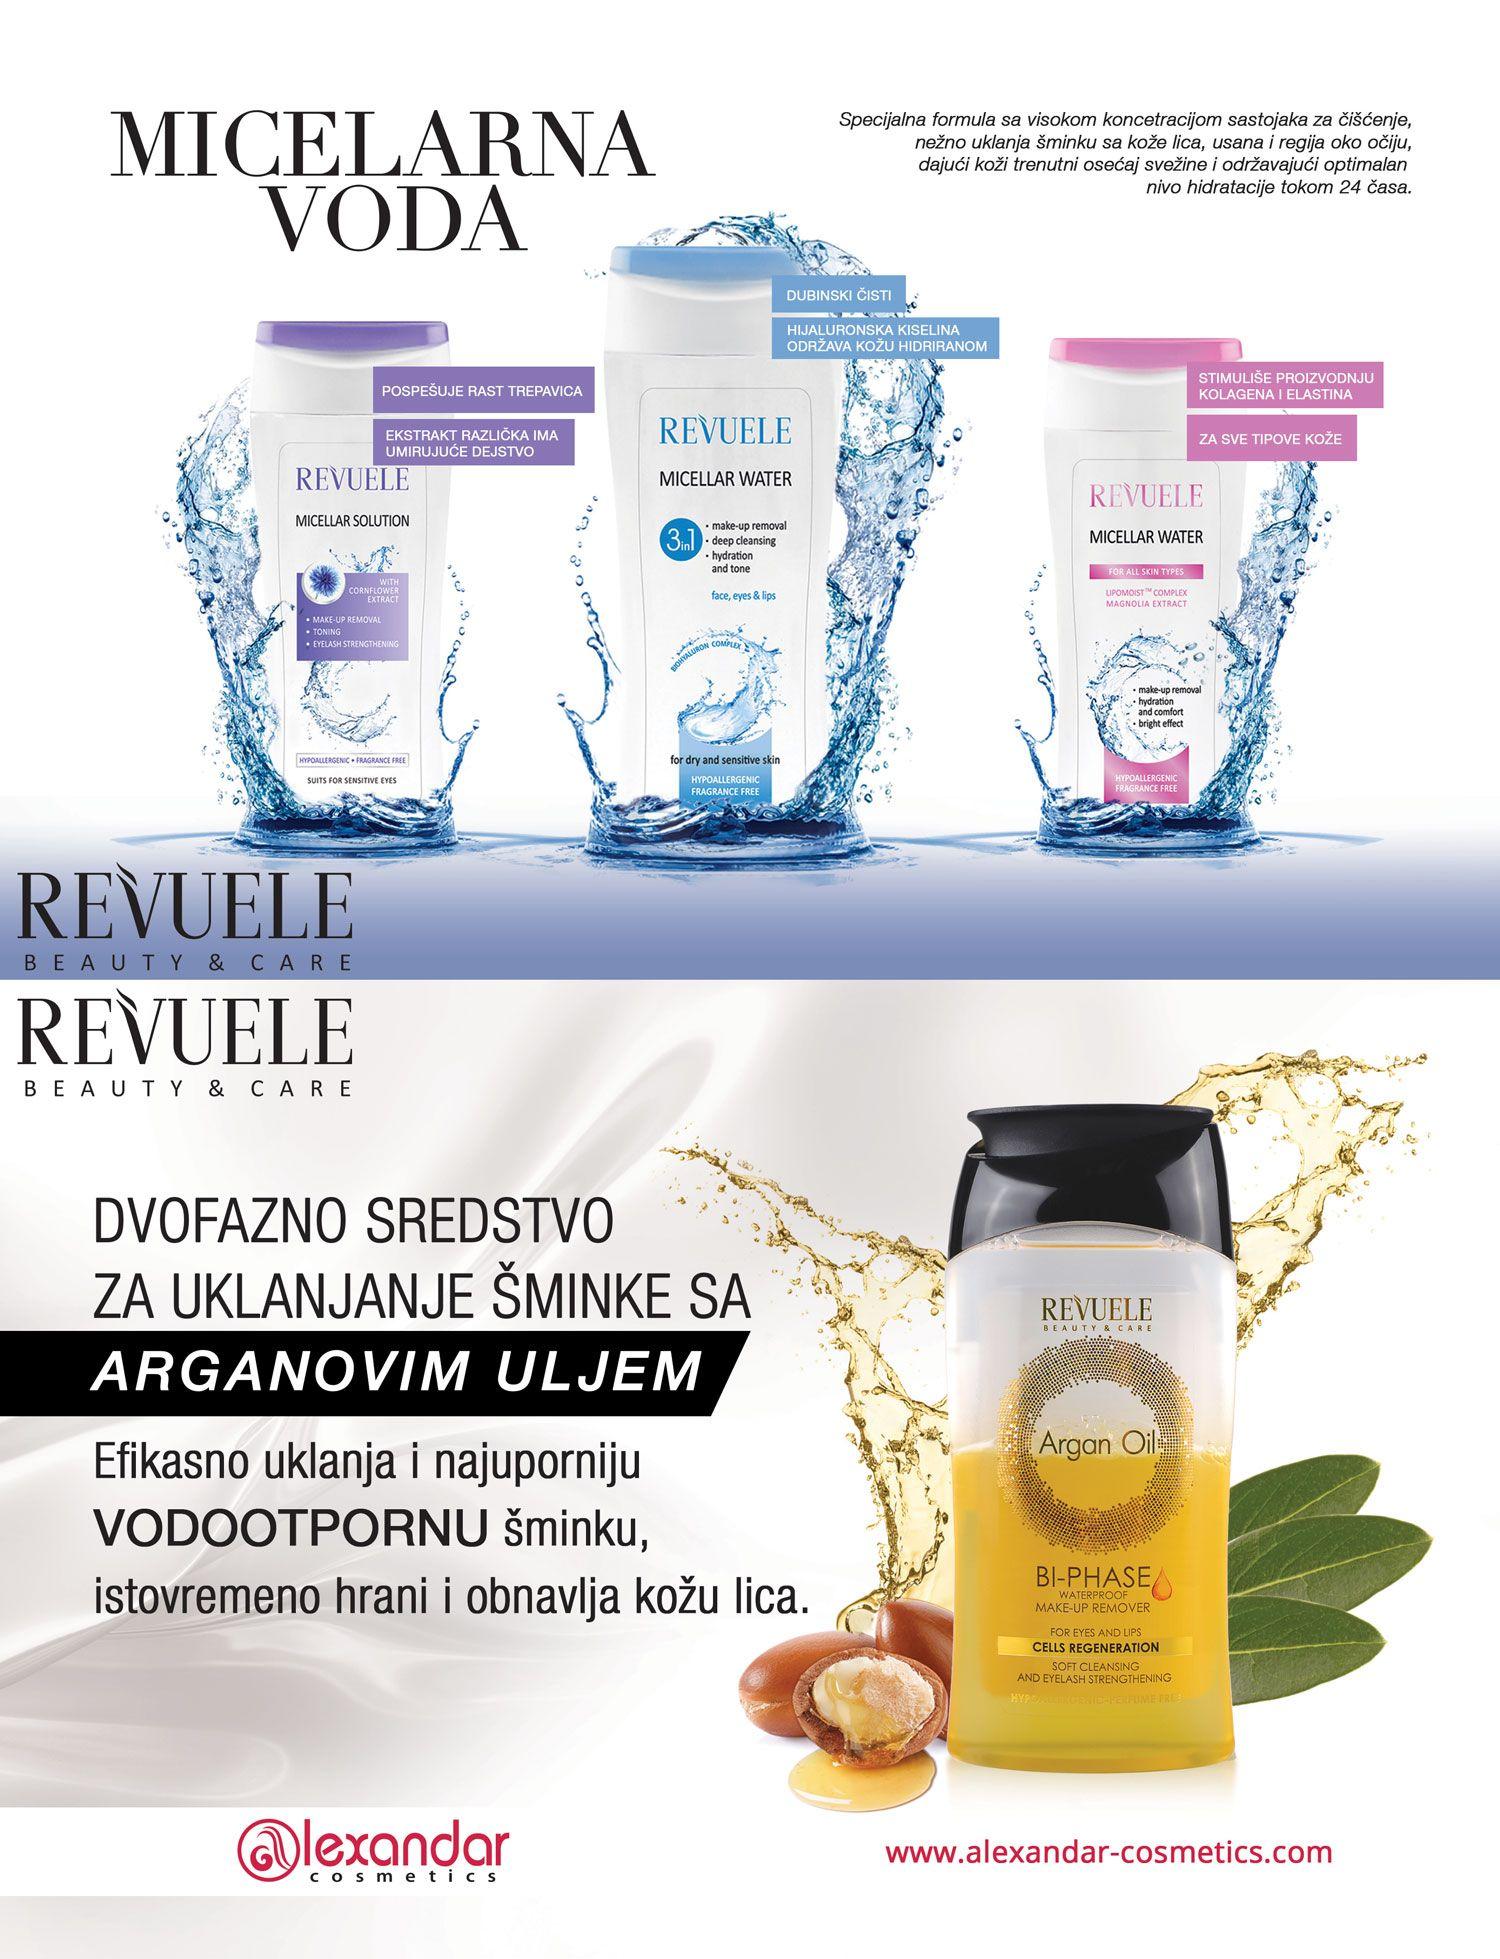 Reveuele - Skin care